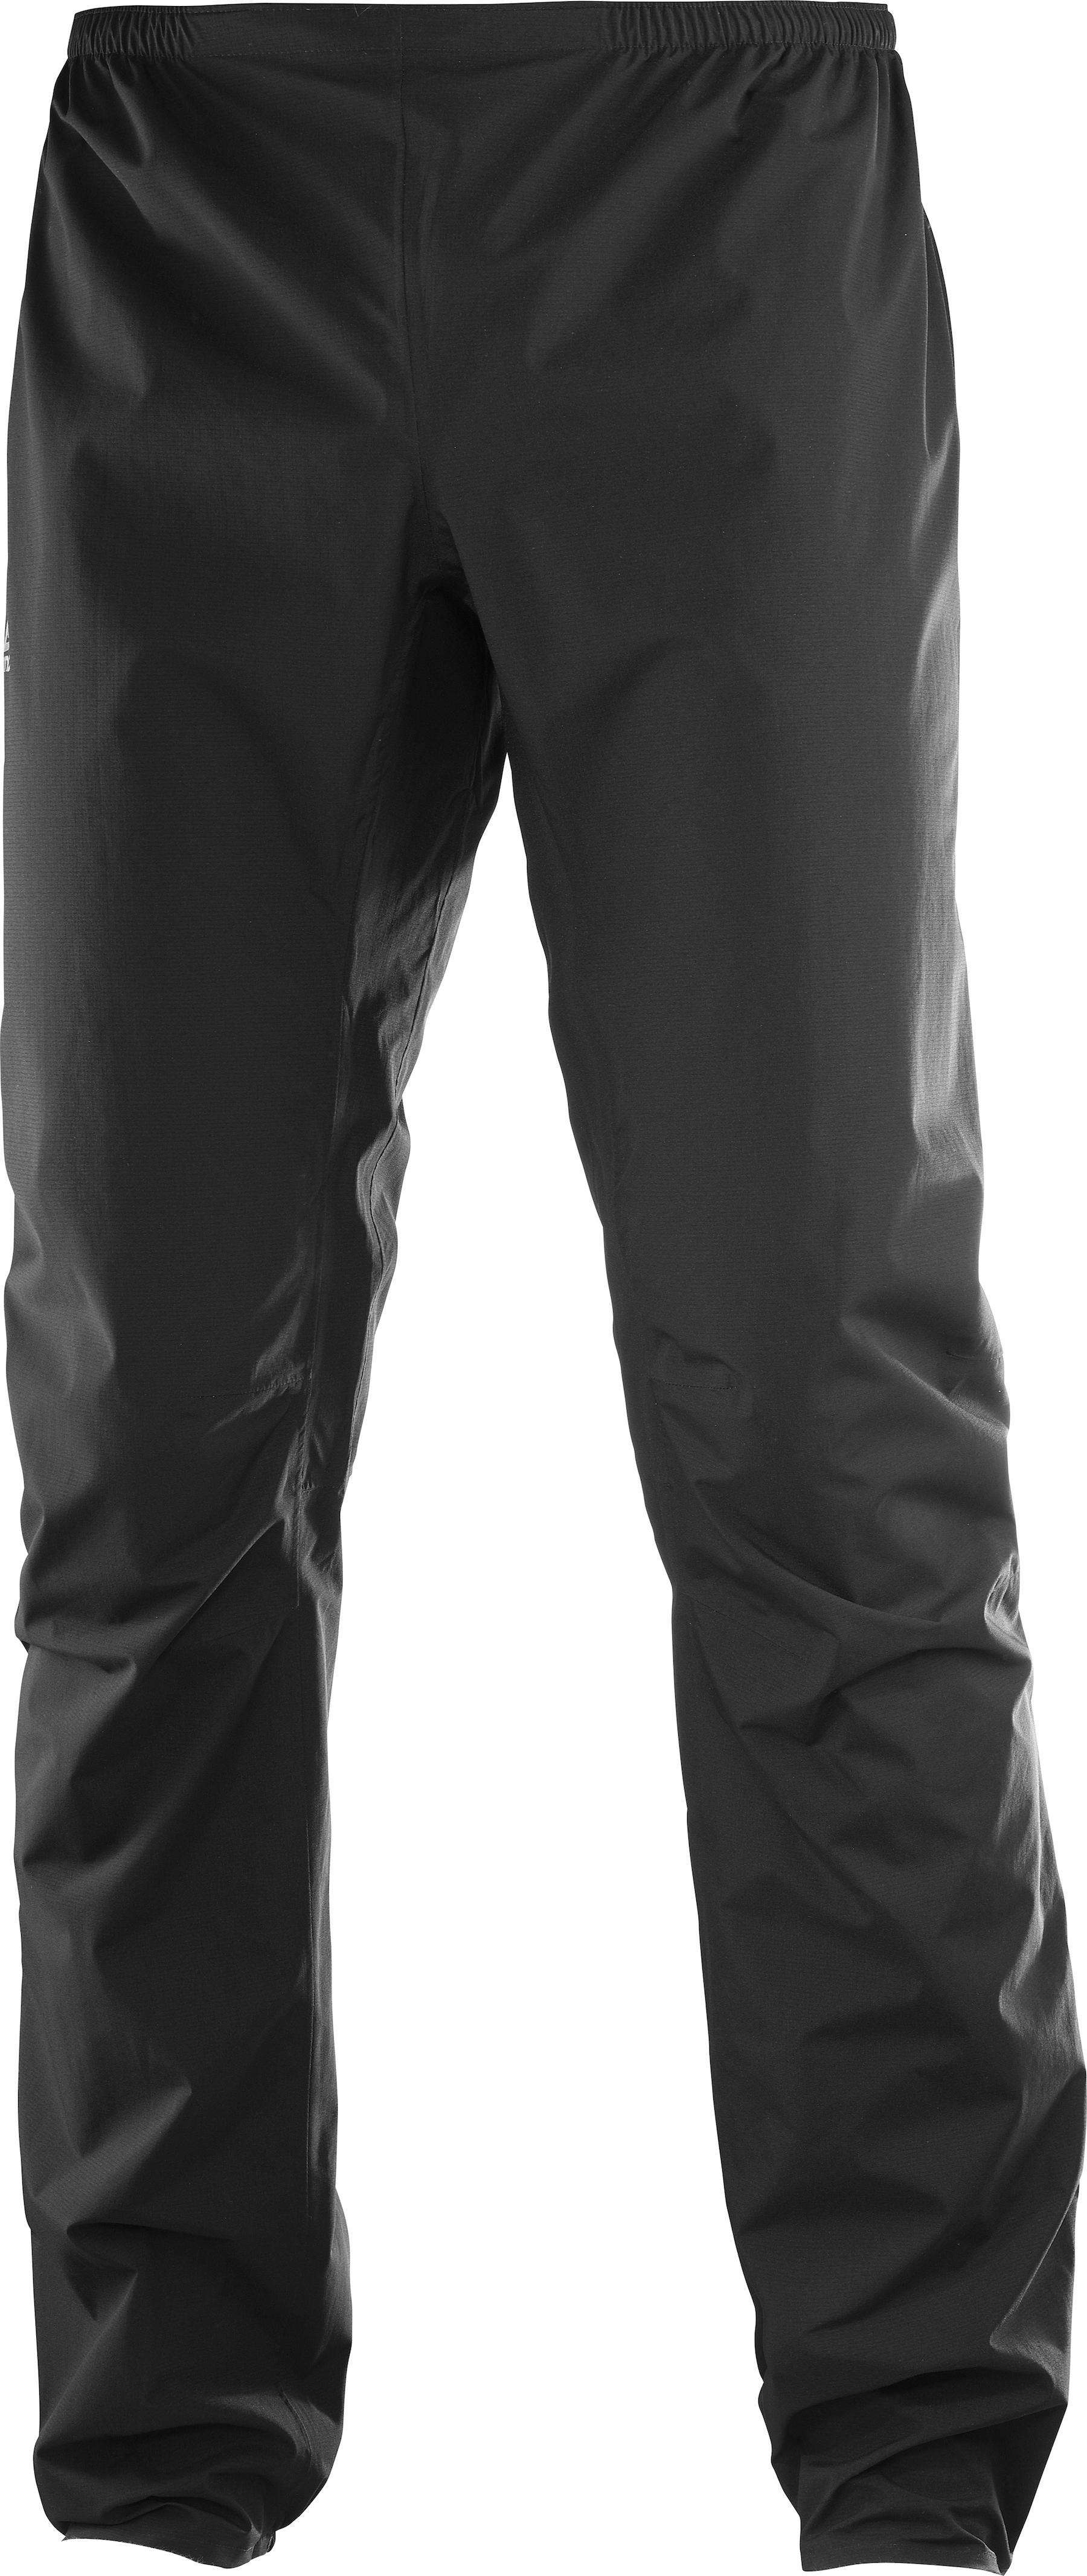 Salomon Bonatti WP Pant - Pantalon mixte